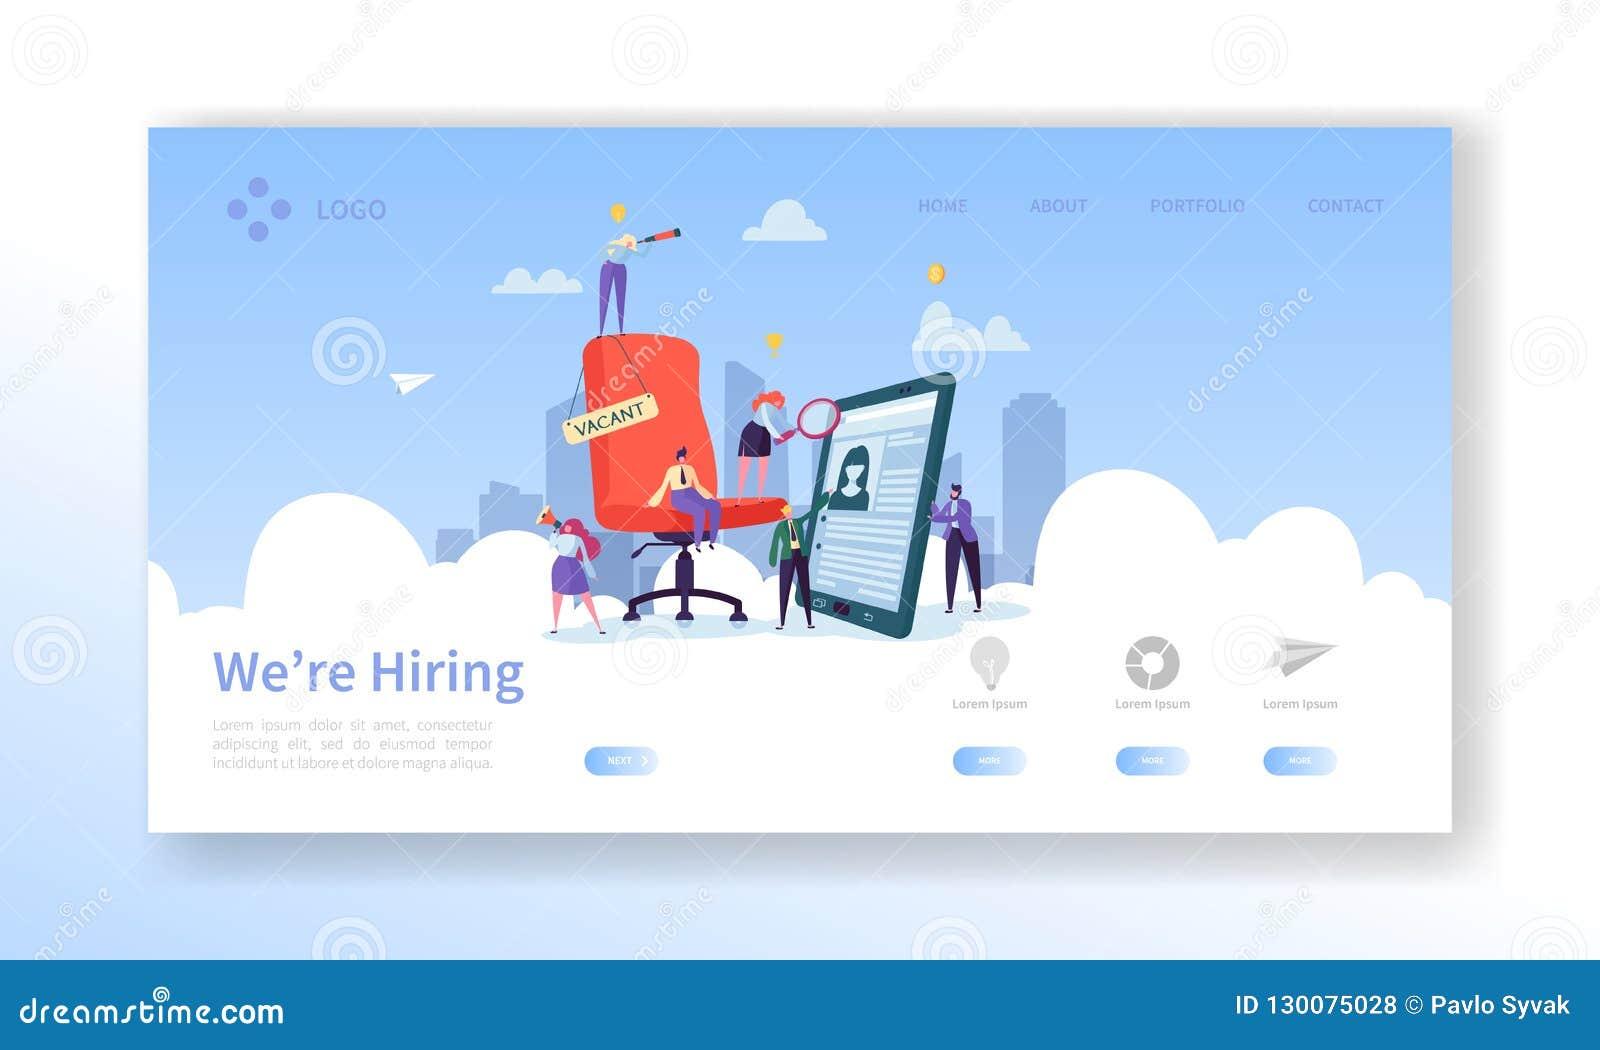 Einstellung, Vorstellungsgespräch-Konzept-Landungs-Seite Leute-Charaktere Stunden-Manager-Website-Schablone der freien Stelle fla